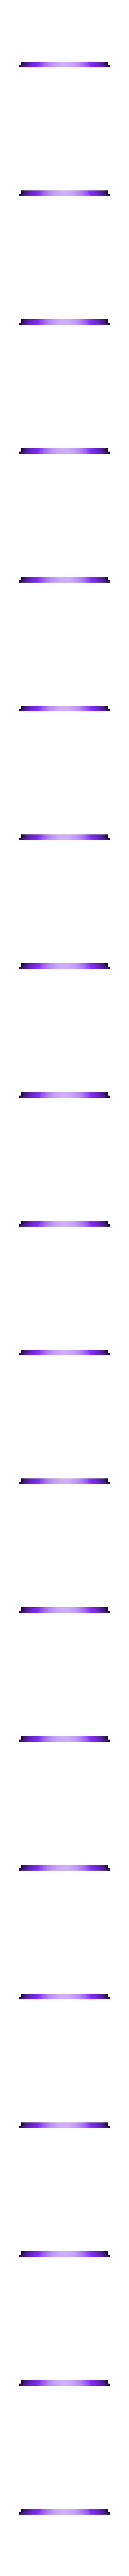 base_cover.stl Télécharger fichier STL gratuit Cactus desk lamp • Design pour impression 3D, BREMMALAN